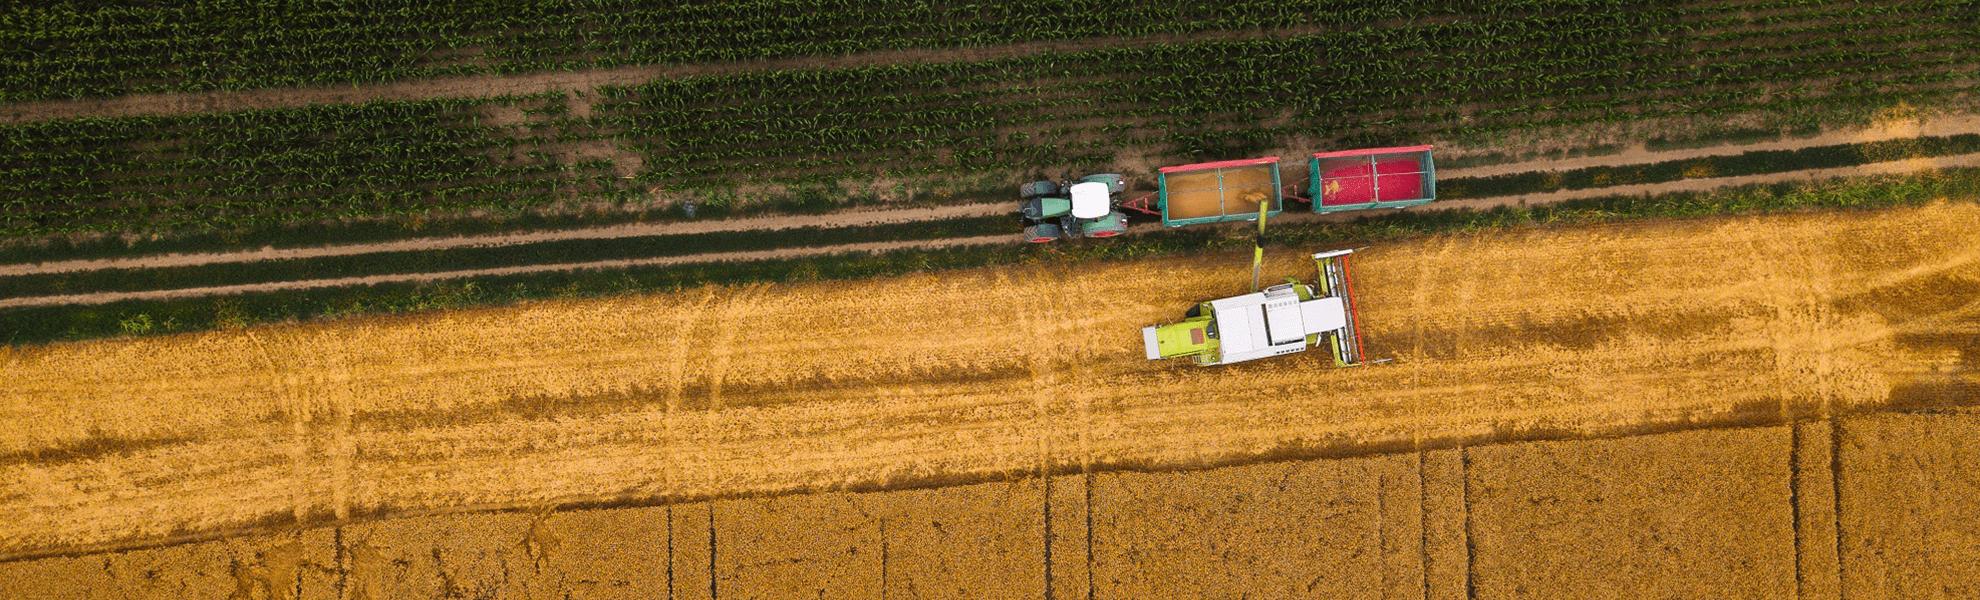 Įvairių galių traktorių nuoma lanksčiomis sąlygomis